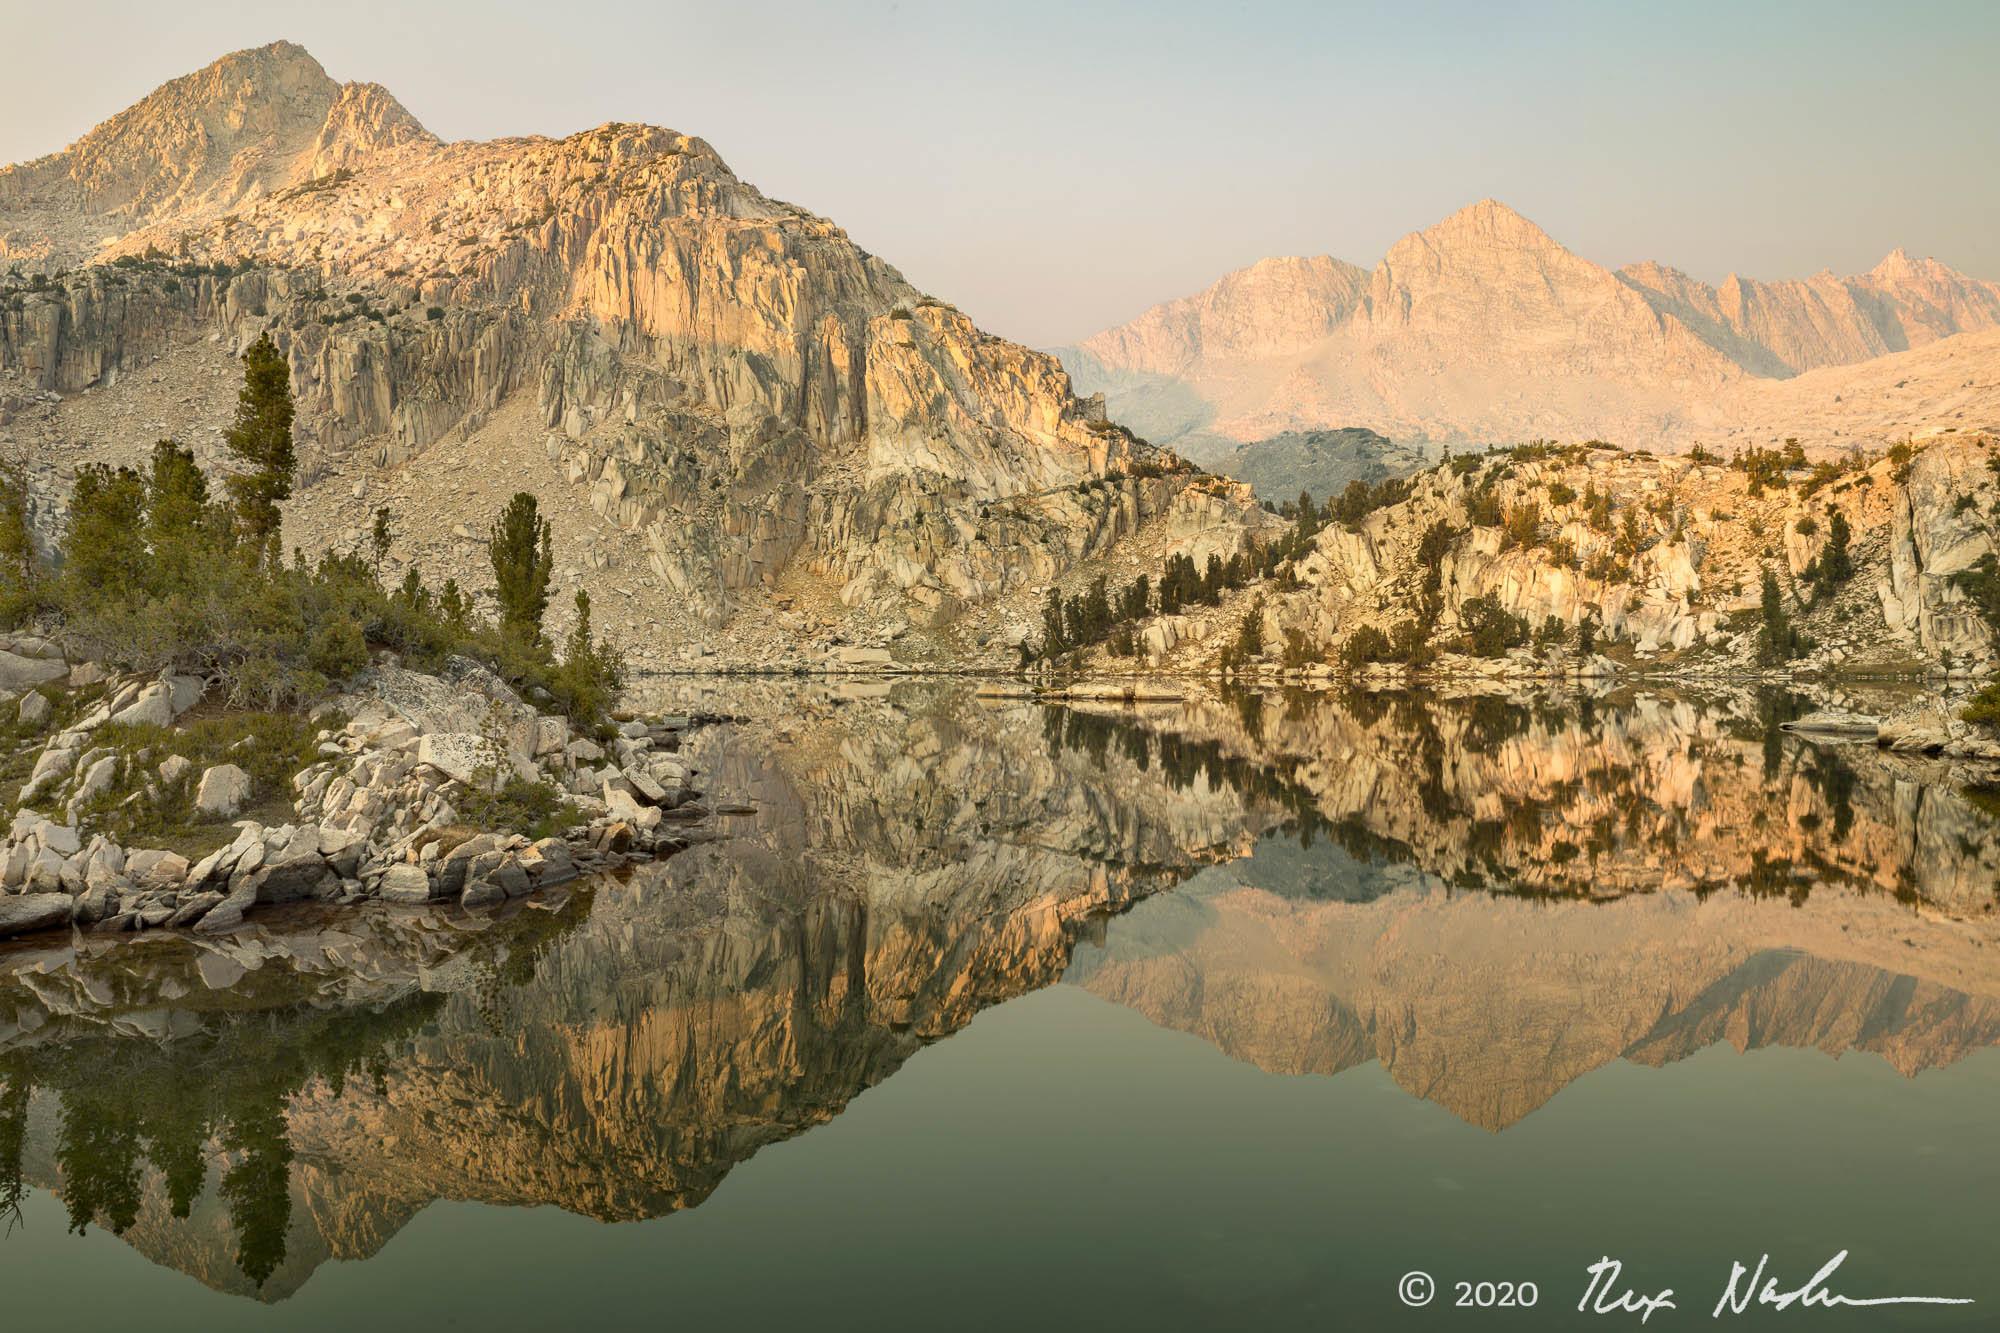 Range of Light - High Sierra, King's Canyon NP